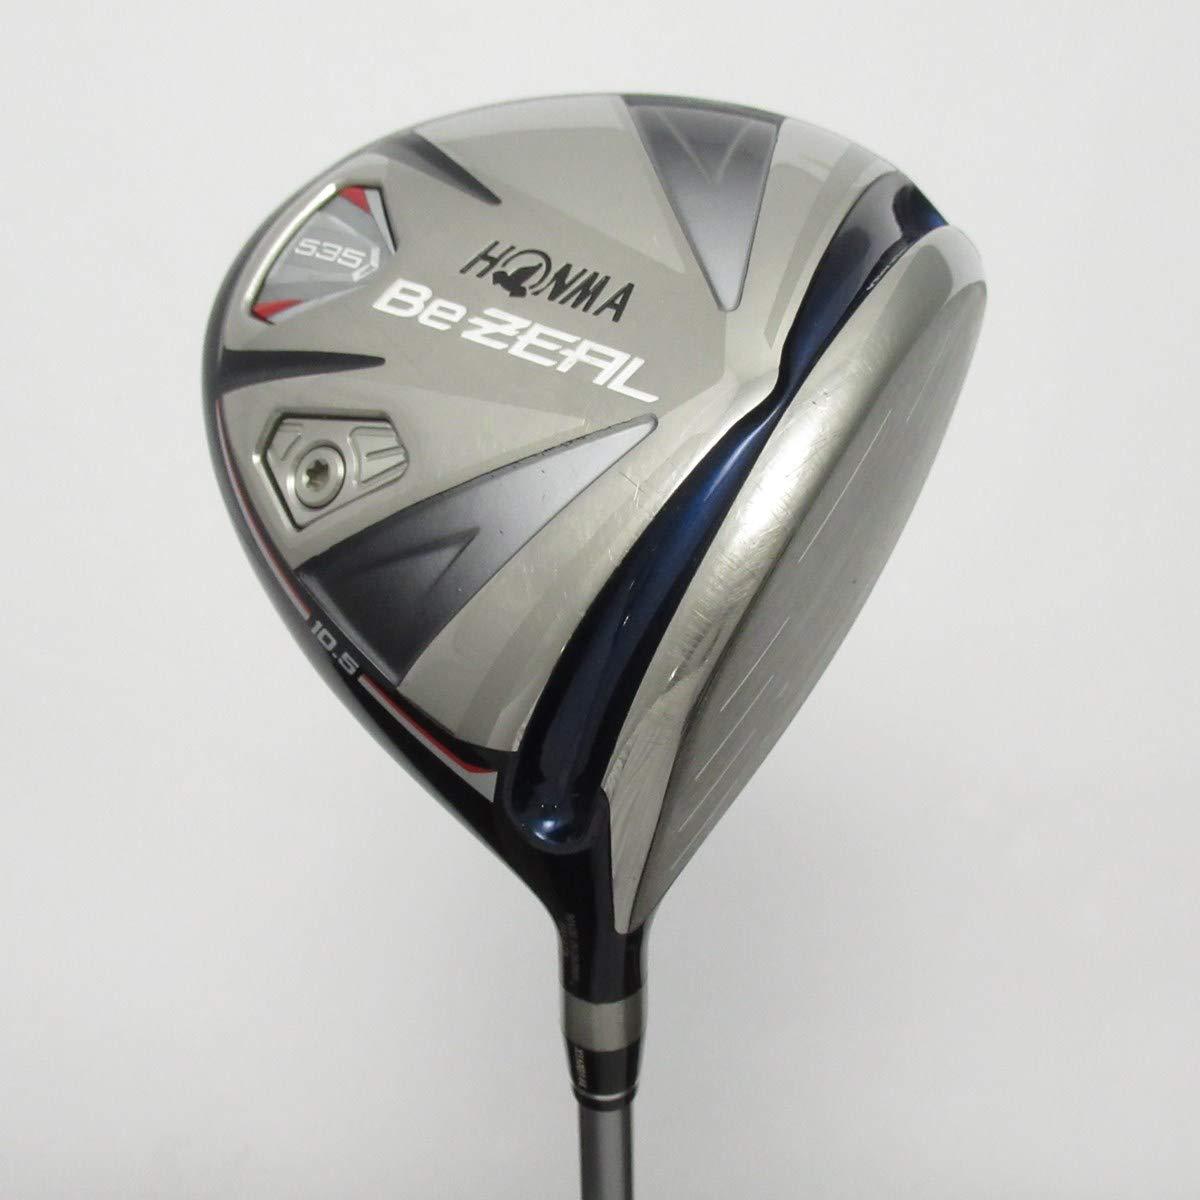 【中古】本間ゴルフ Be ZEAL ビジール 535 ドライバー VIZARD for Be ZEAL S  B07P864S2D